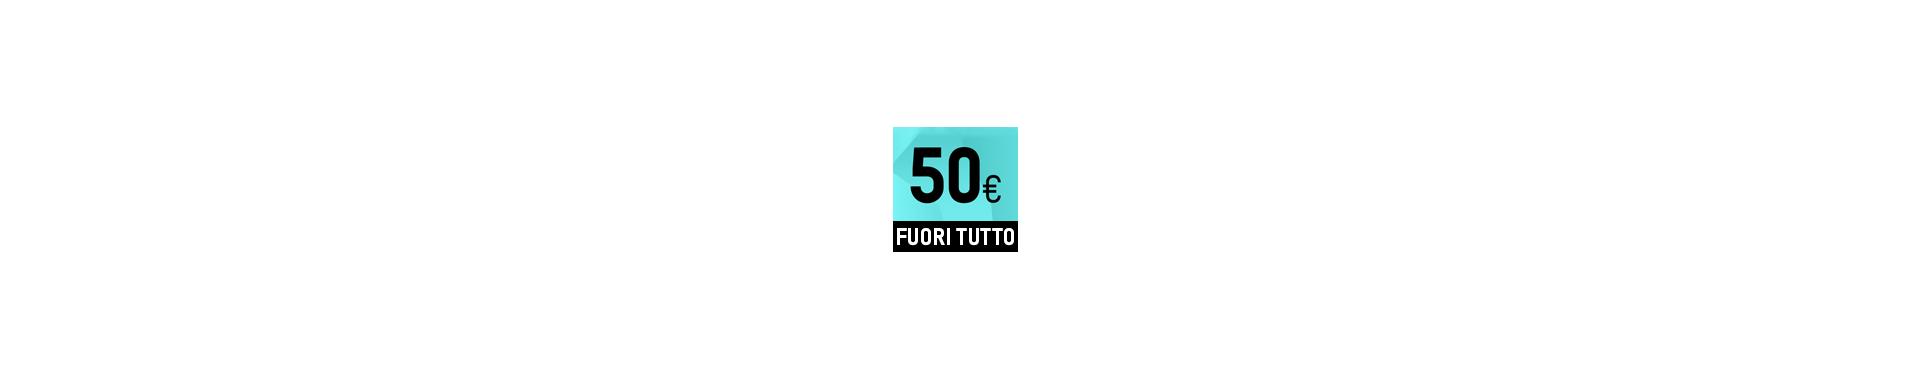 Fuori tutto Caschi per moto a 50 euro